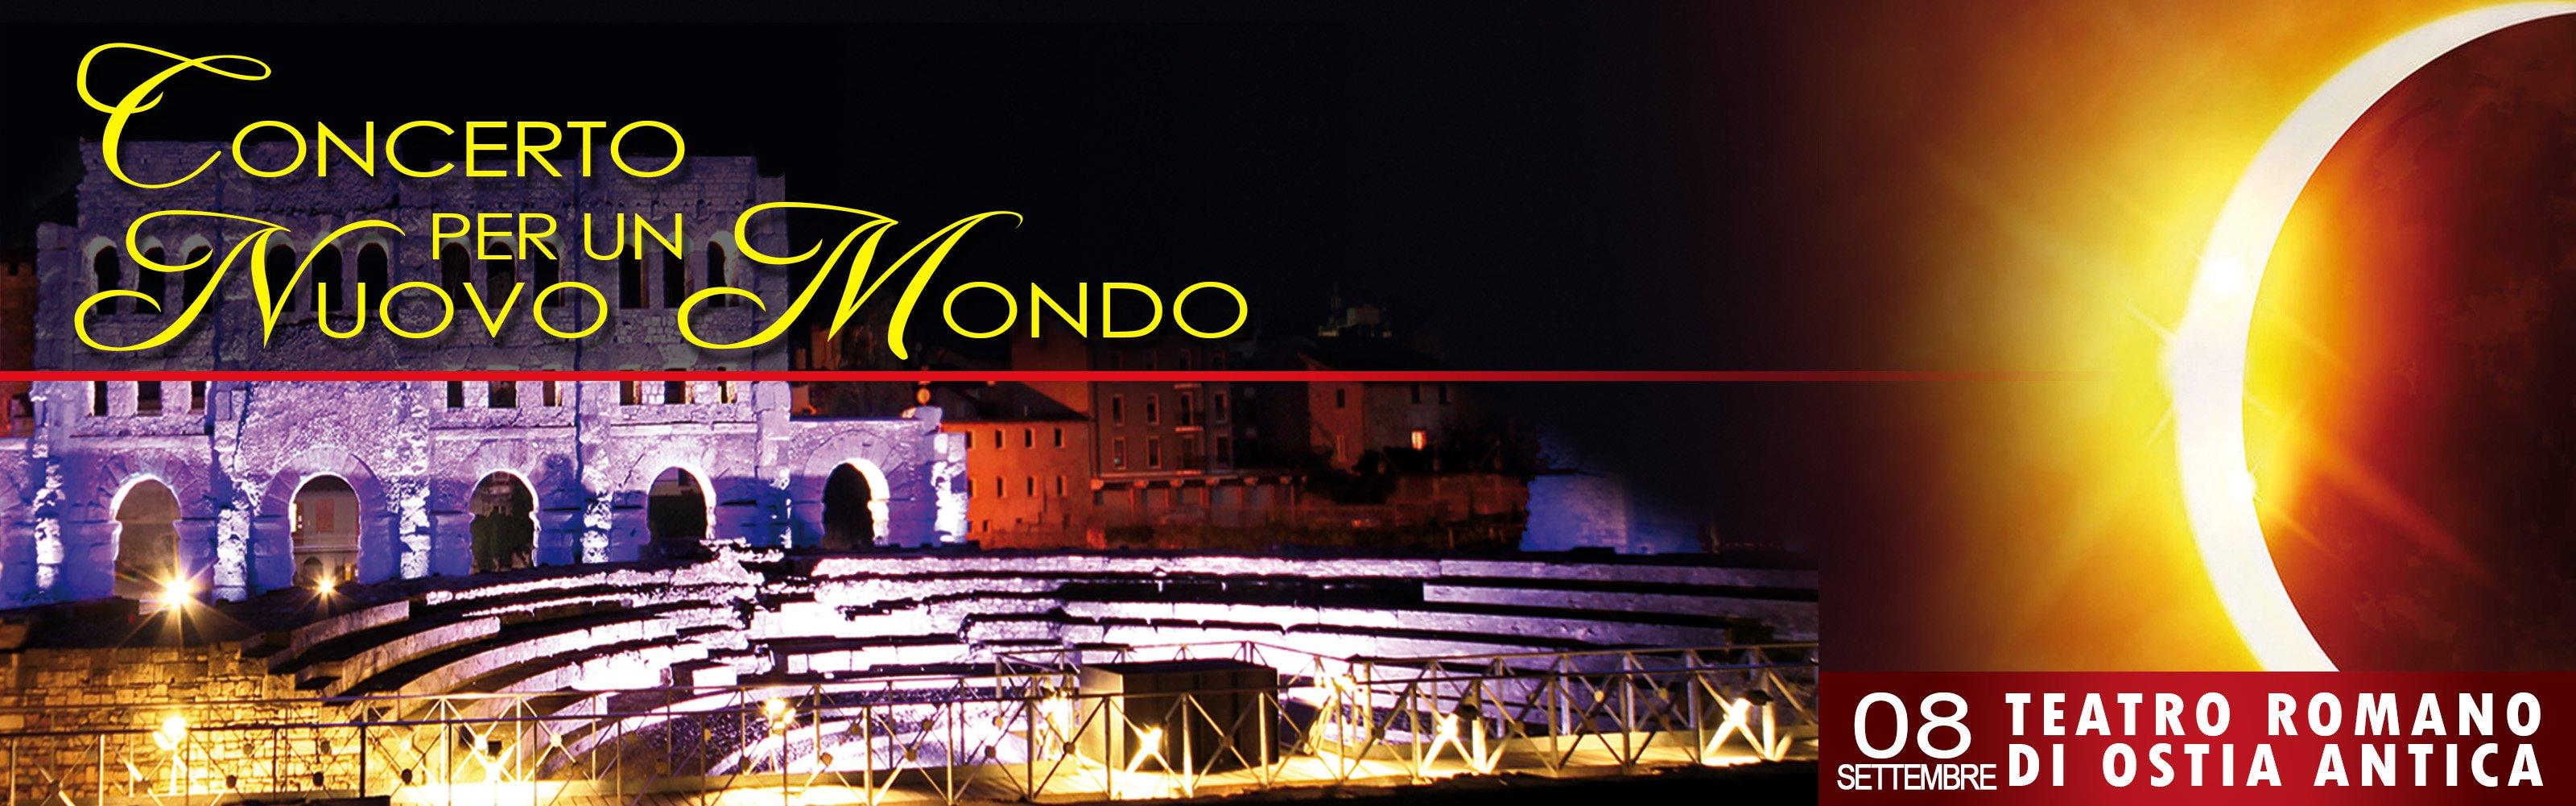 Concerto per un nuovo mondo Teatro Romano Ostia Antica